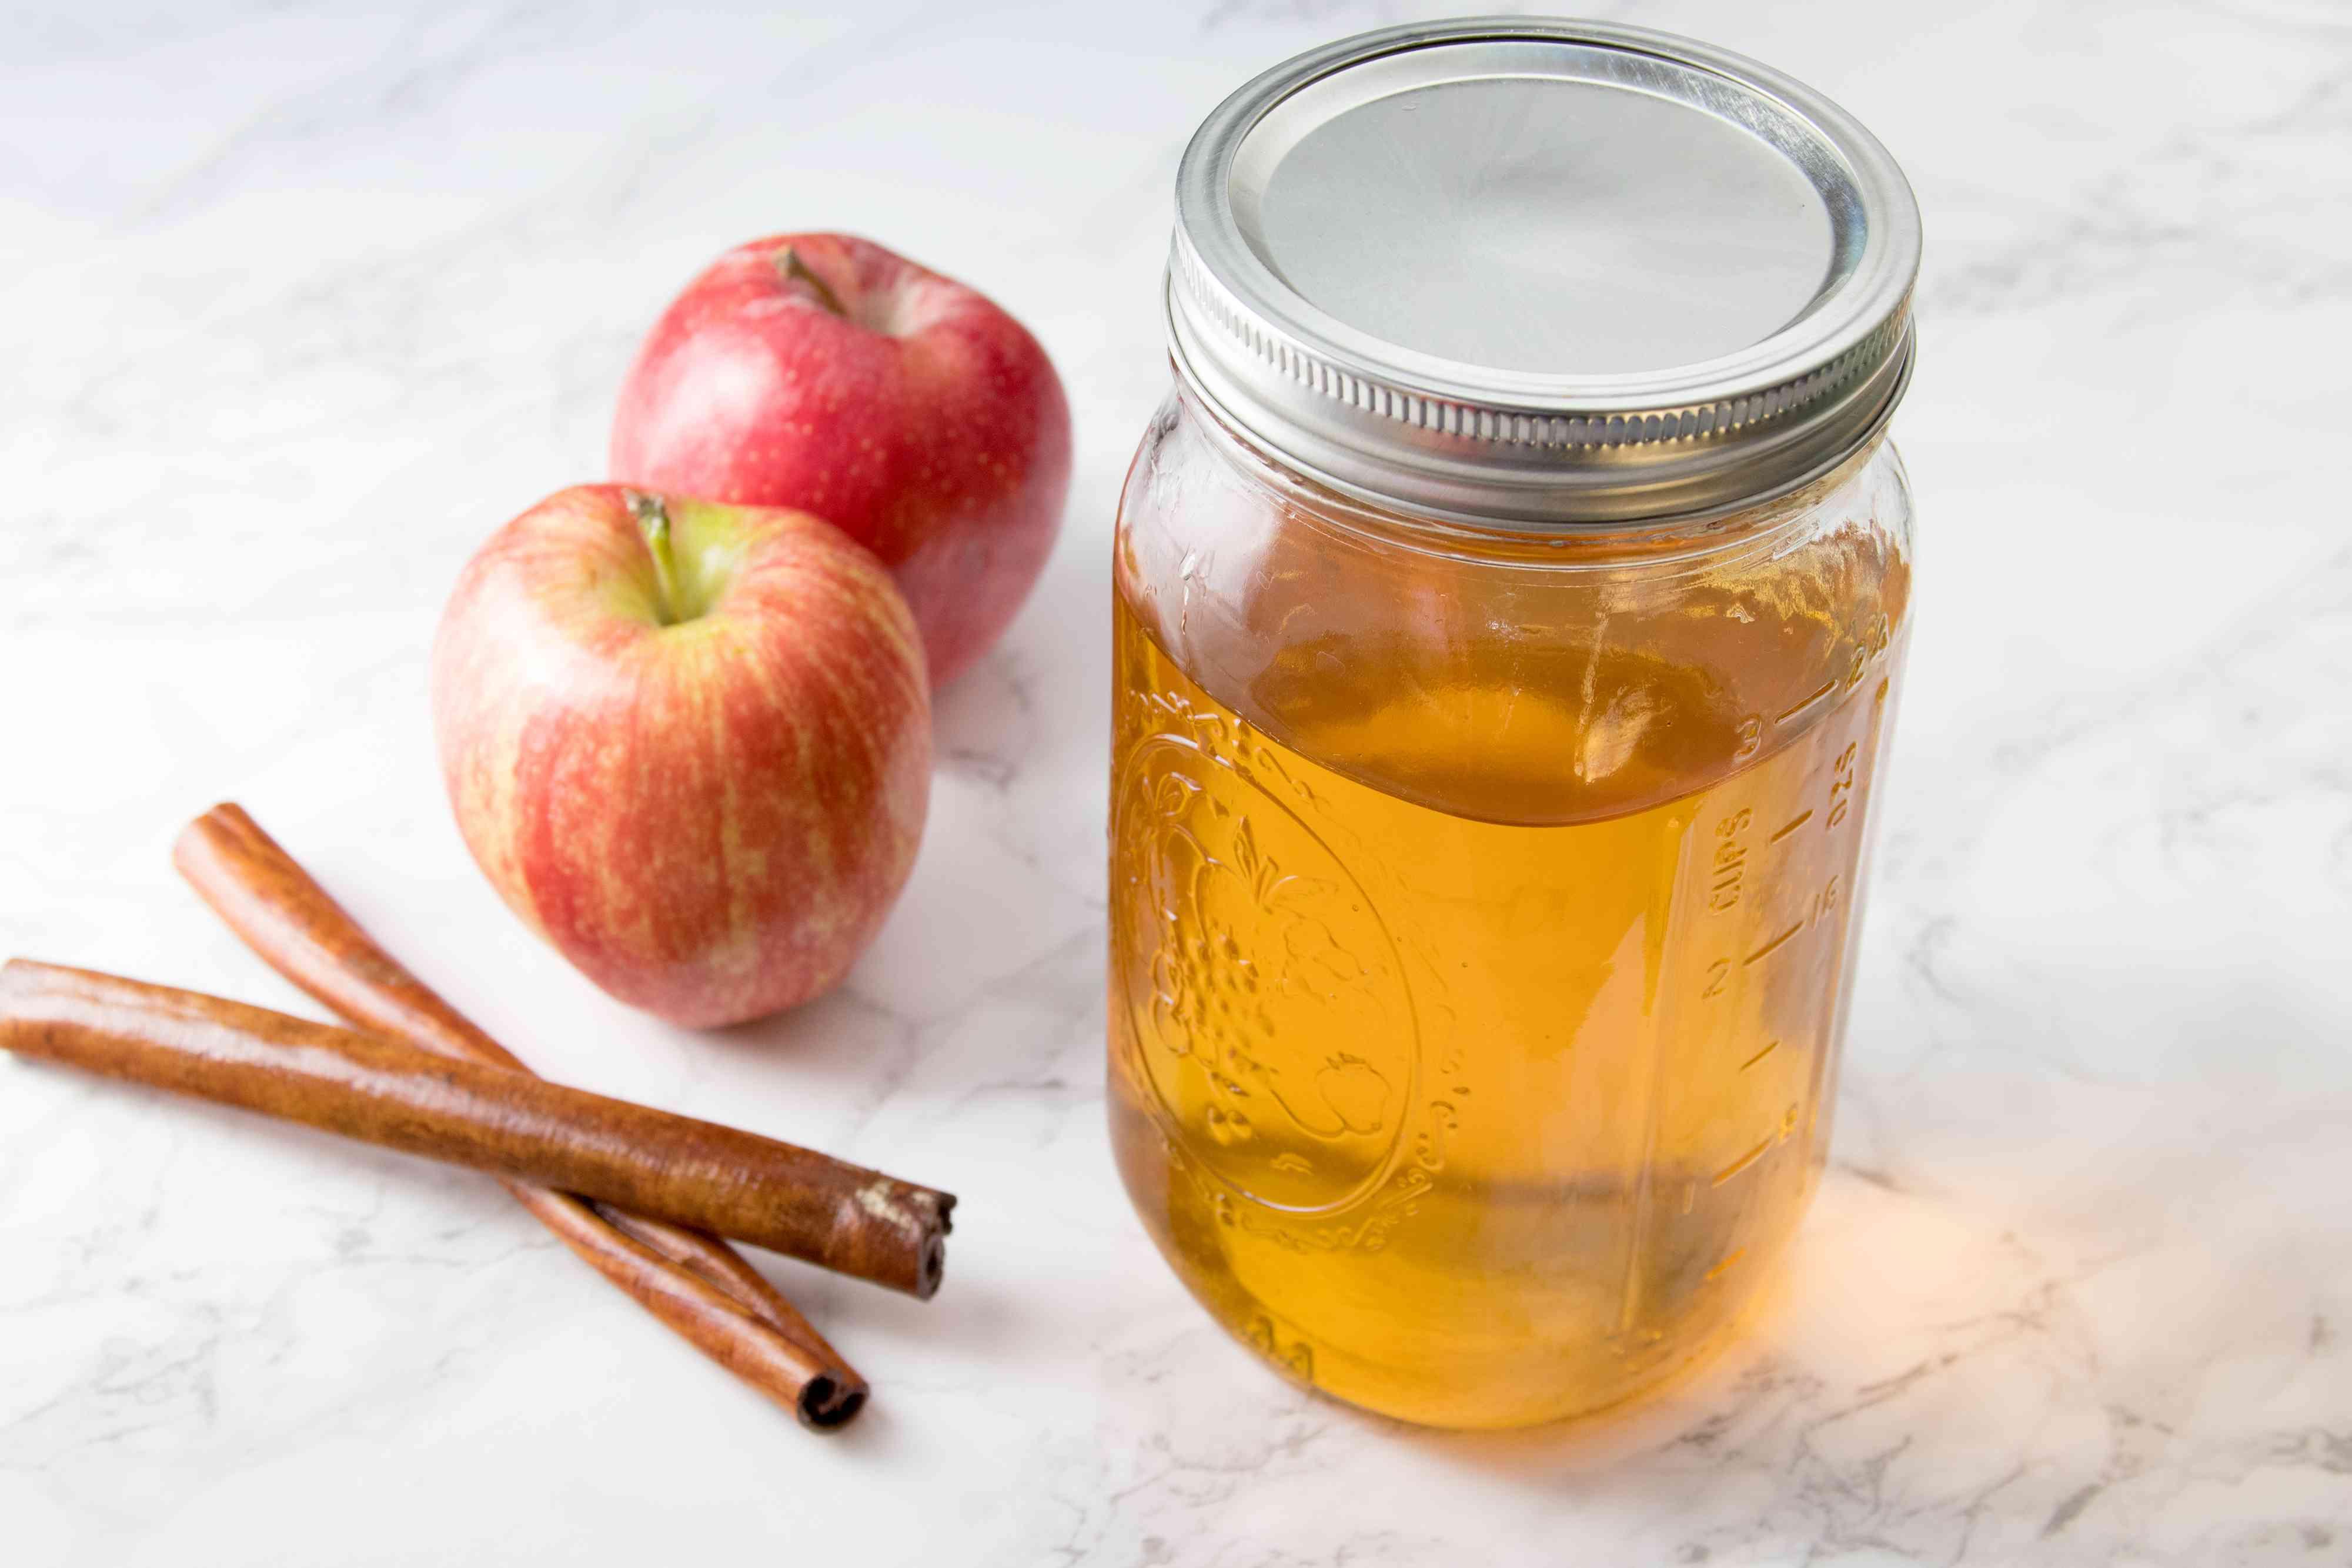 Apple-Cinnamon Infused Tequila